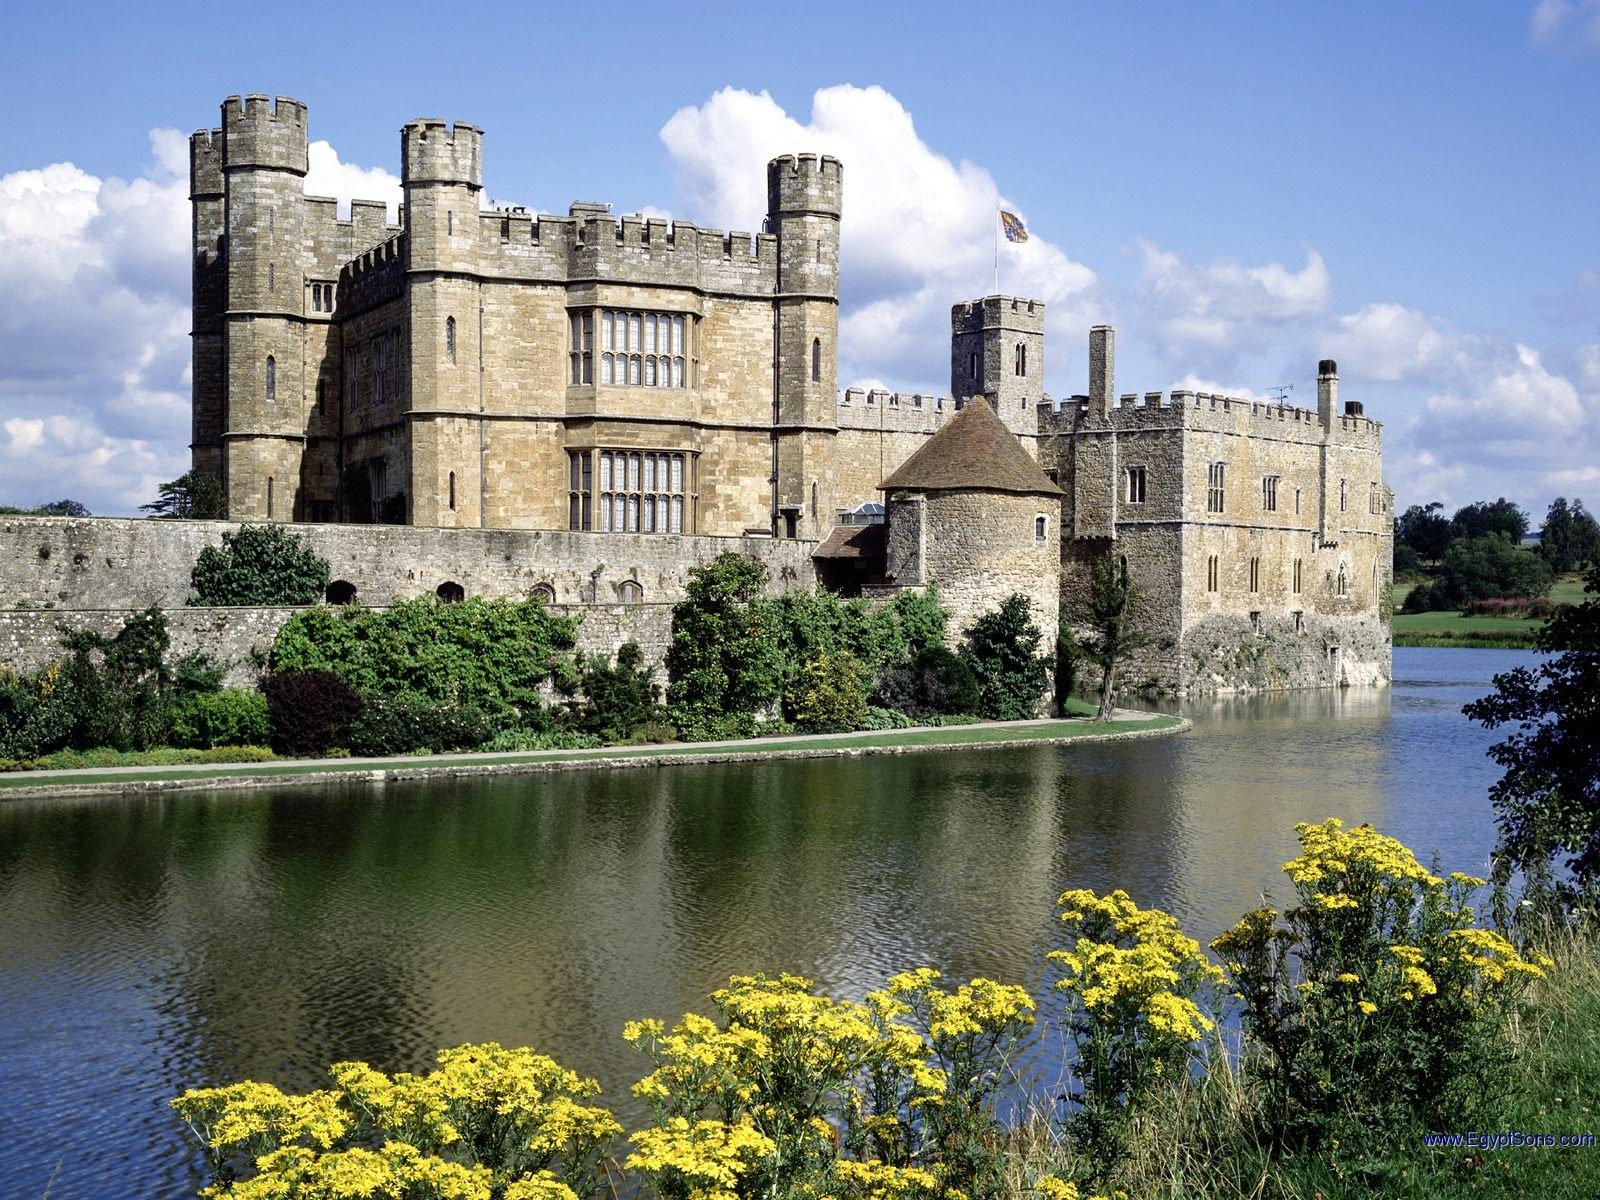 leeds castle kent england wallpapers - Leeds Castle Kent England Wallpapers HD Wallpapers